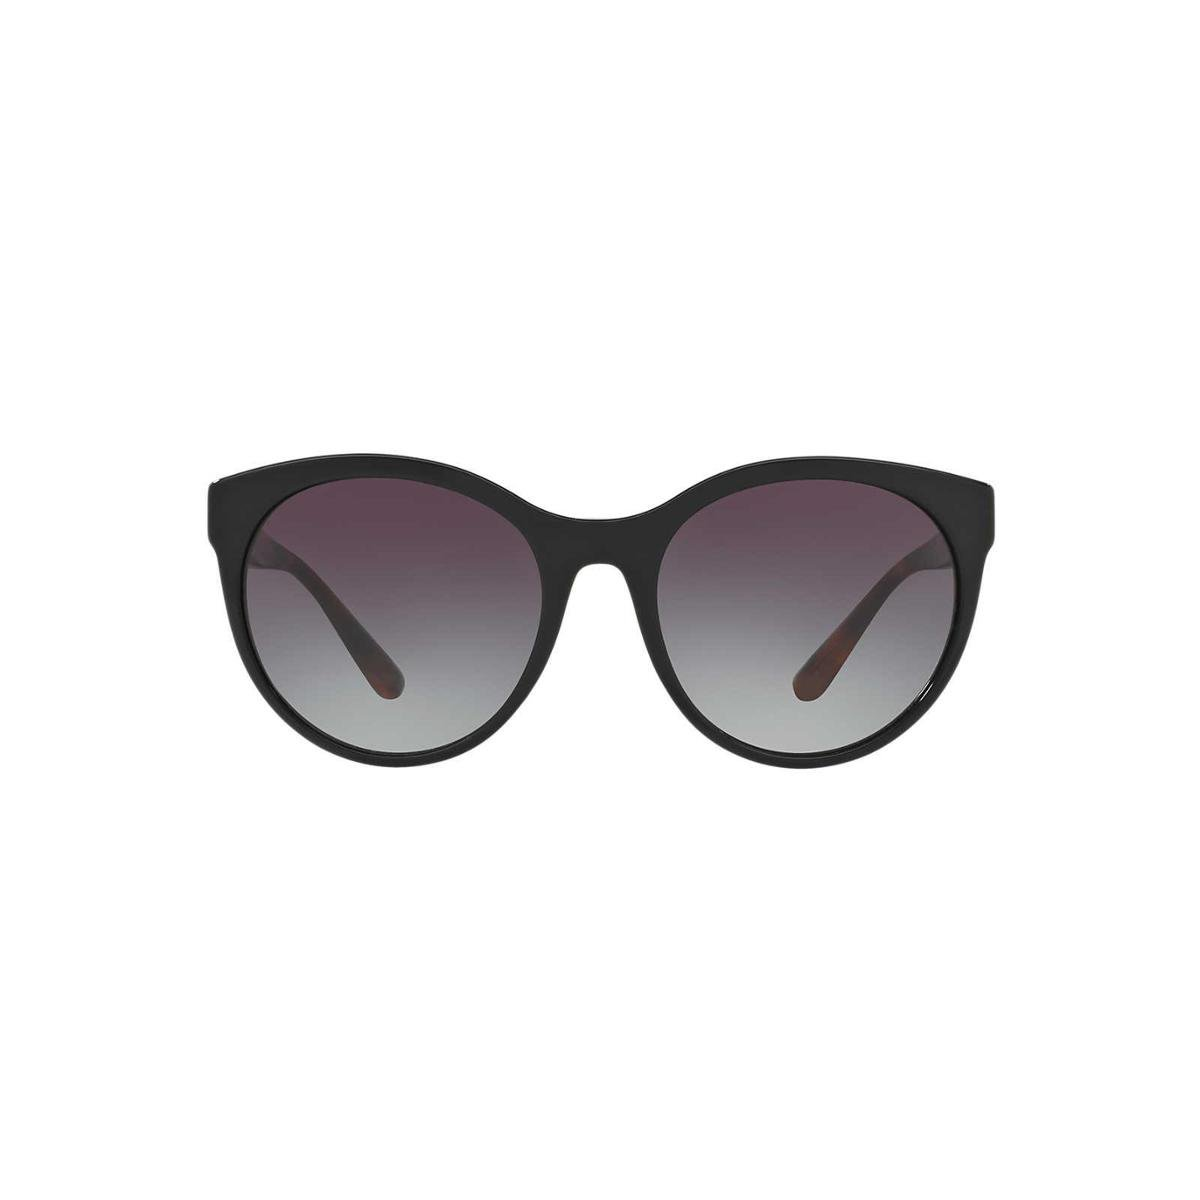 Óculos de Sol Burberry Redondo BE4236 Feminino - Compre Agora   Zattini c5f43d14d5